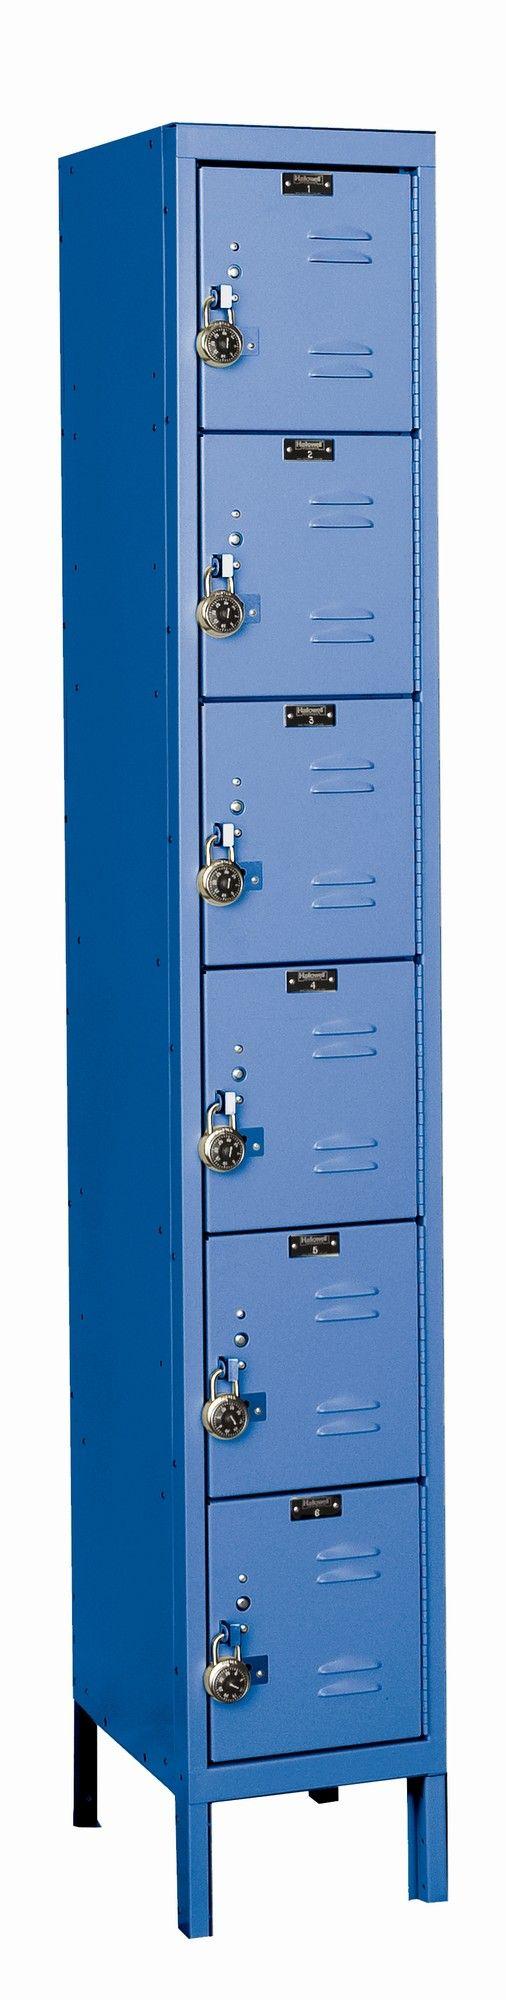 ReadyBuilt 6 Tier 1 Wide Employee Locker